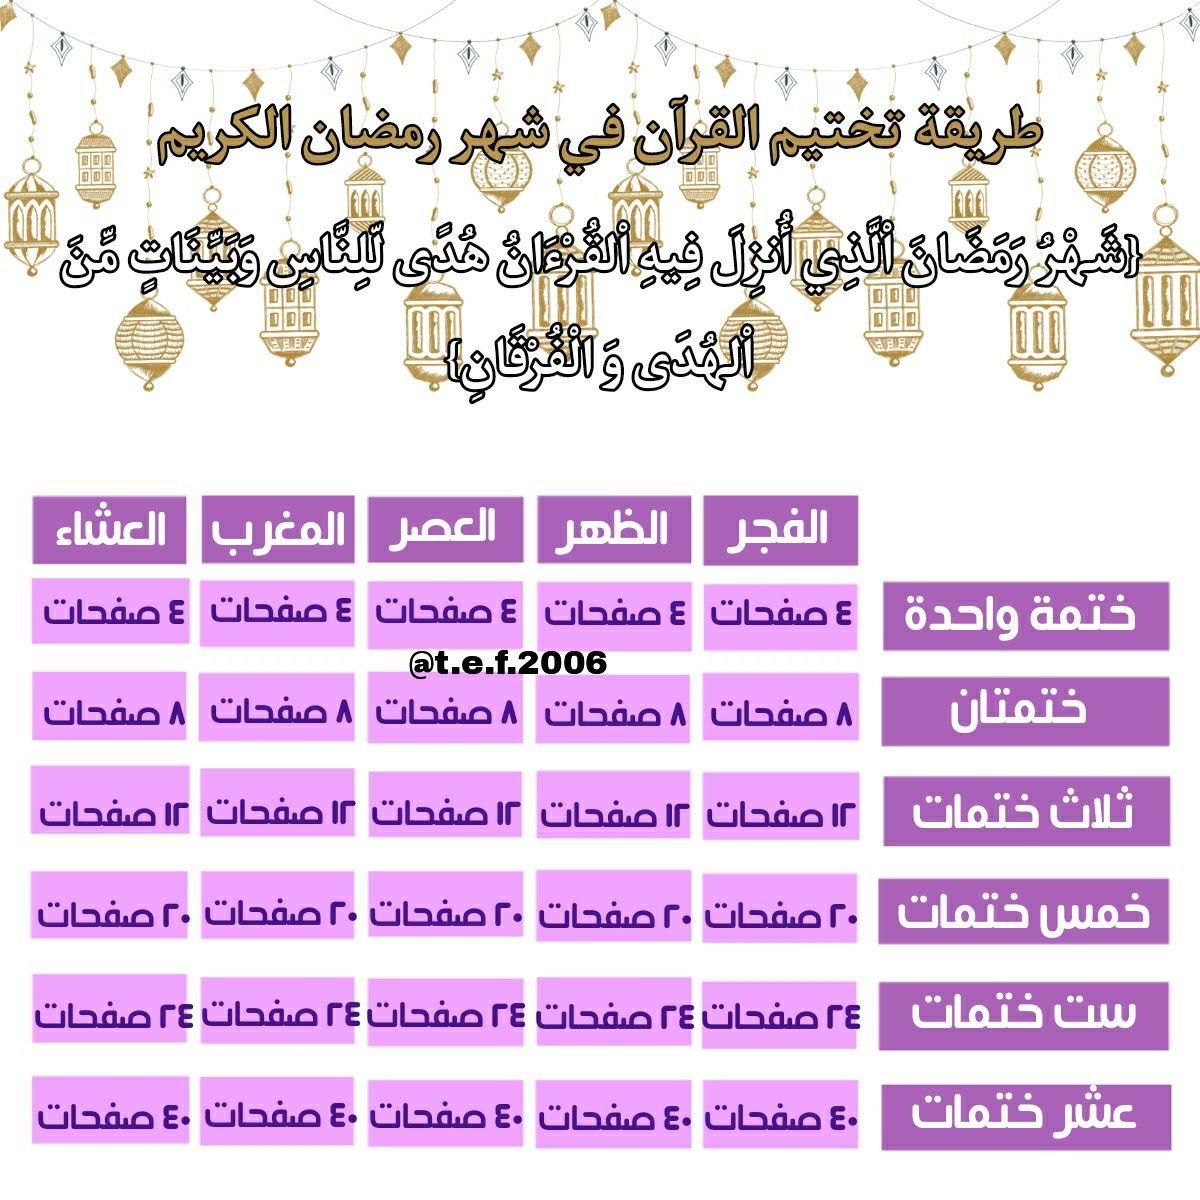 طريقة تختيم القرآن الكريم في شهر رمضان الكريم In 2021 Words Word Search Puzzle Lae